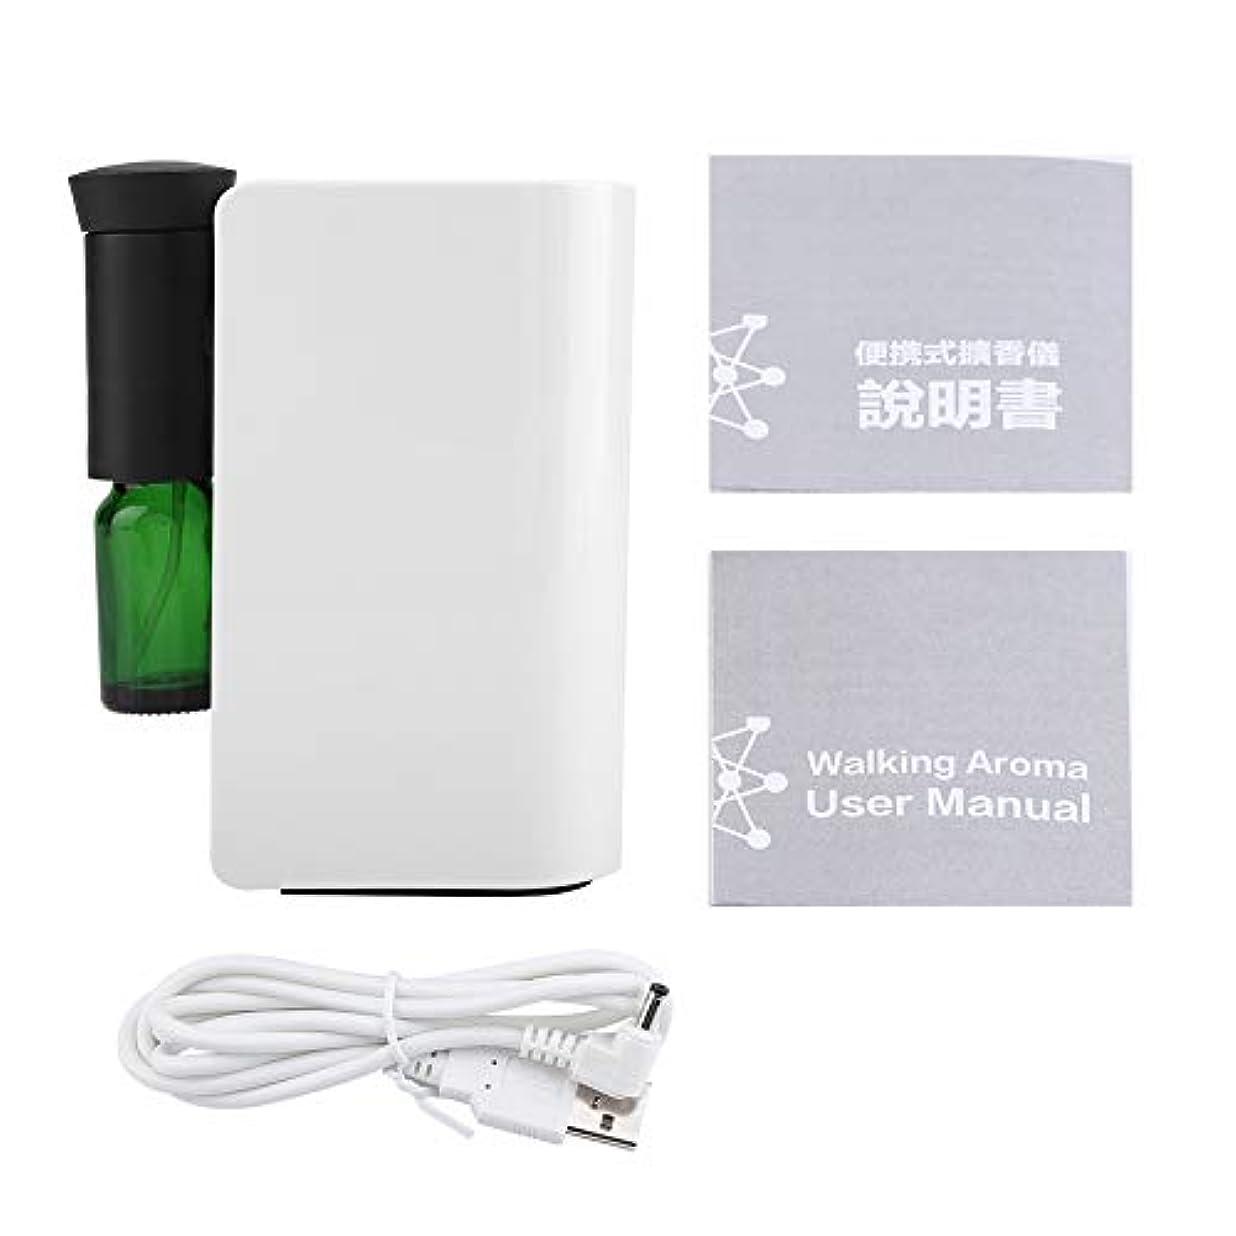 けん引応用不定アロマディフューザー usb充電式 100ml 精油 エッセンシャルオイル用 自動アロマディスペンサー用 部屋 オフィス(ホワイト)